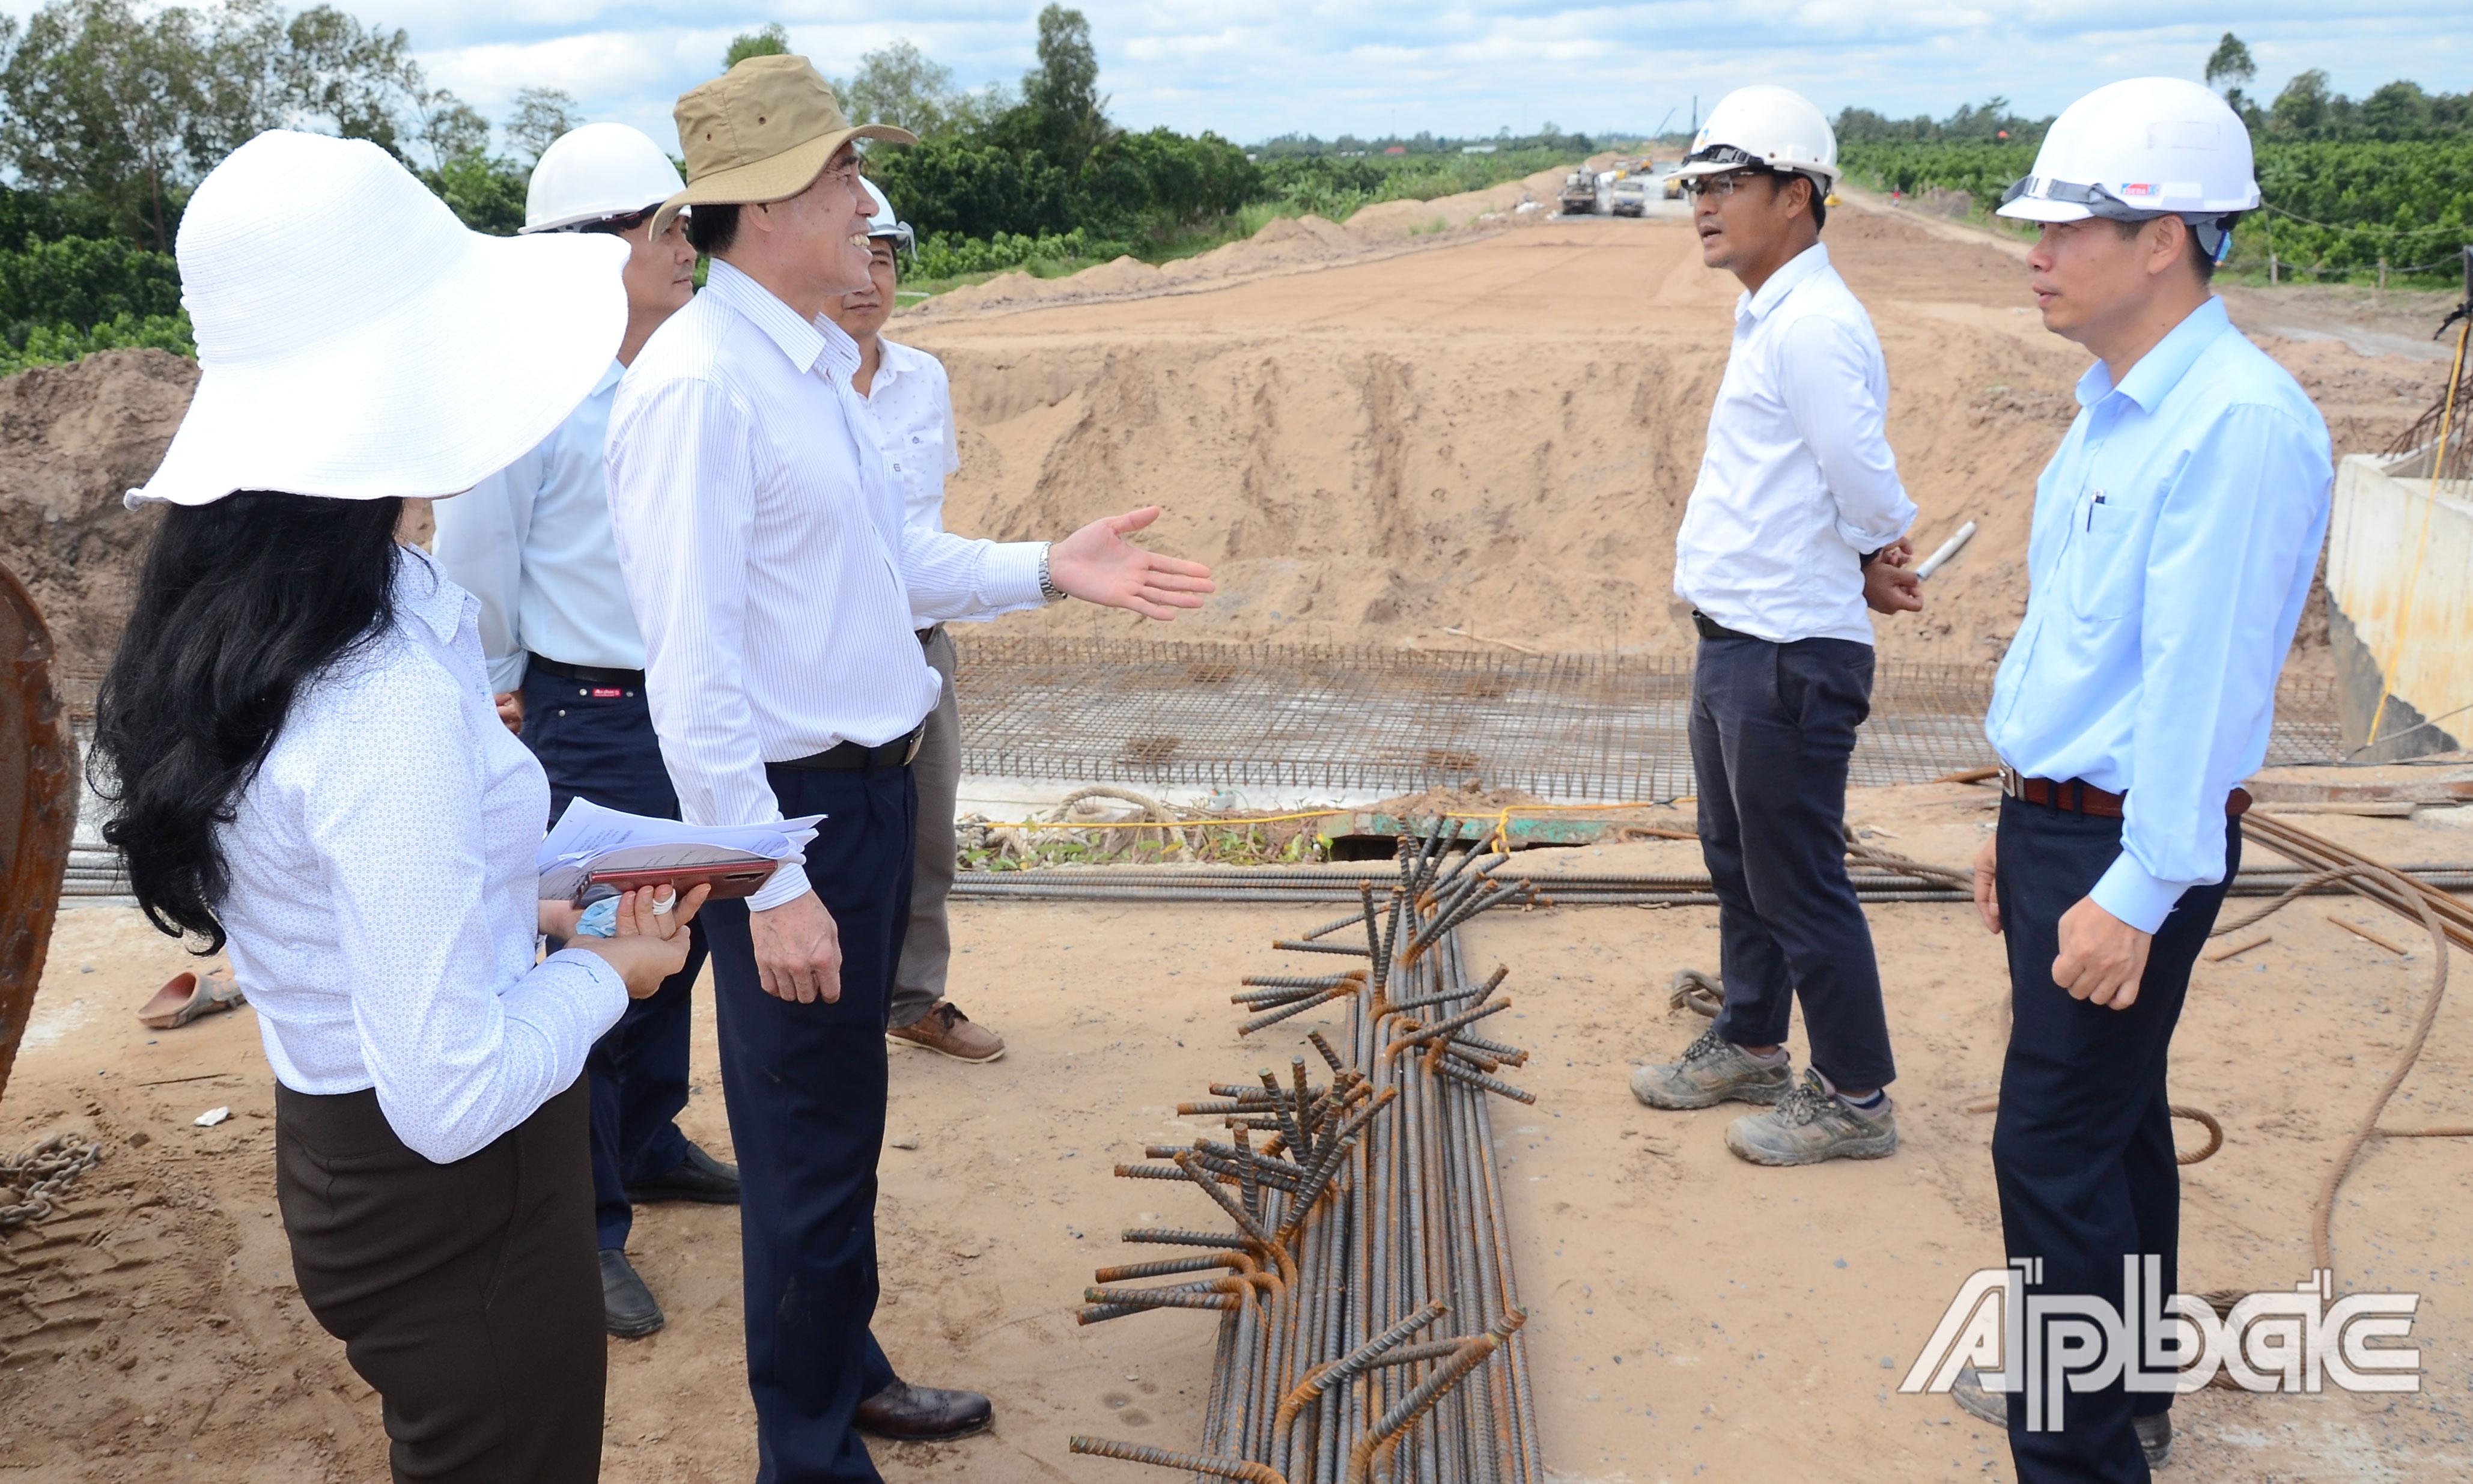 Đồng chí Lê Văn Hưởng kiểm tra tiến độ Dự án tại cầu Thông Lưu.